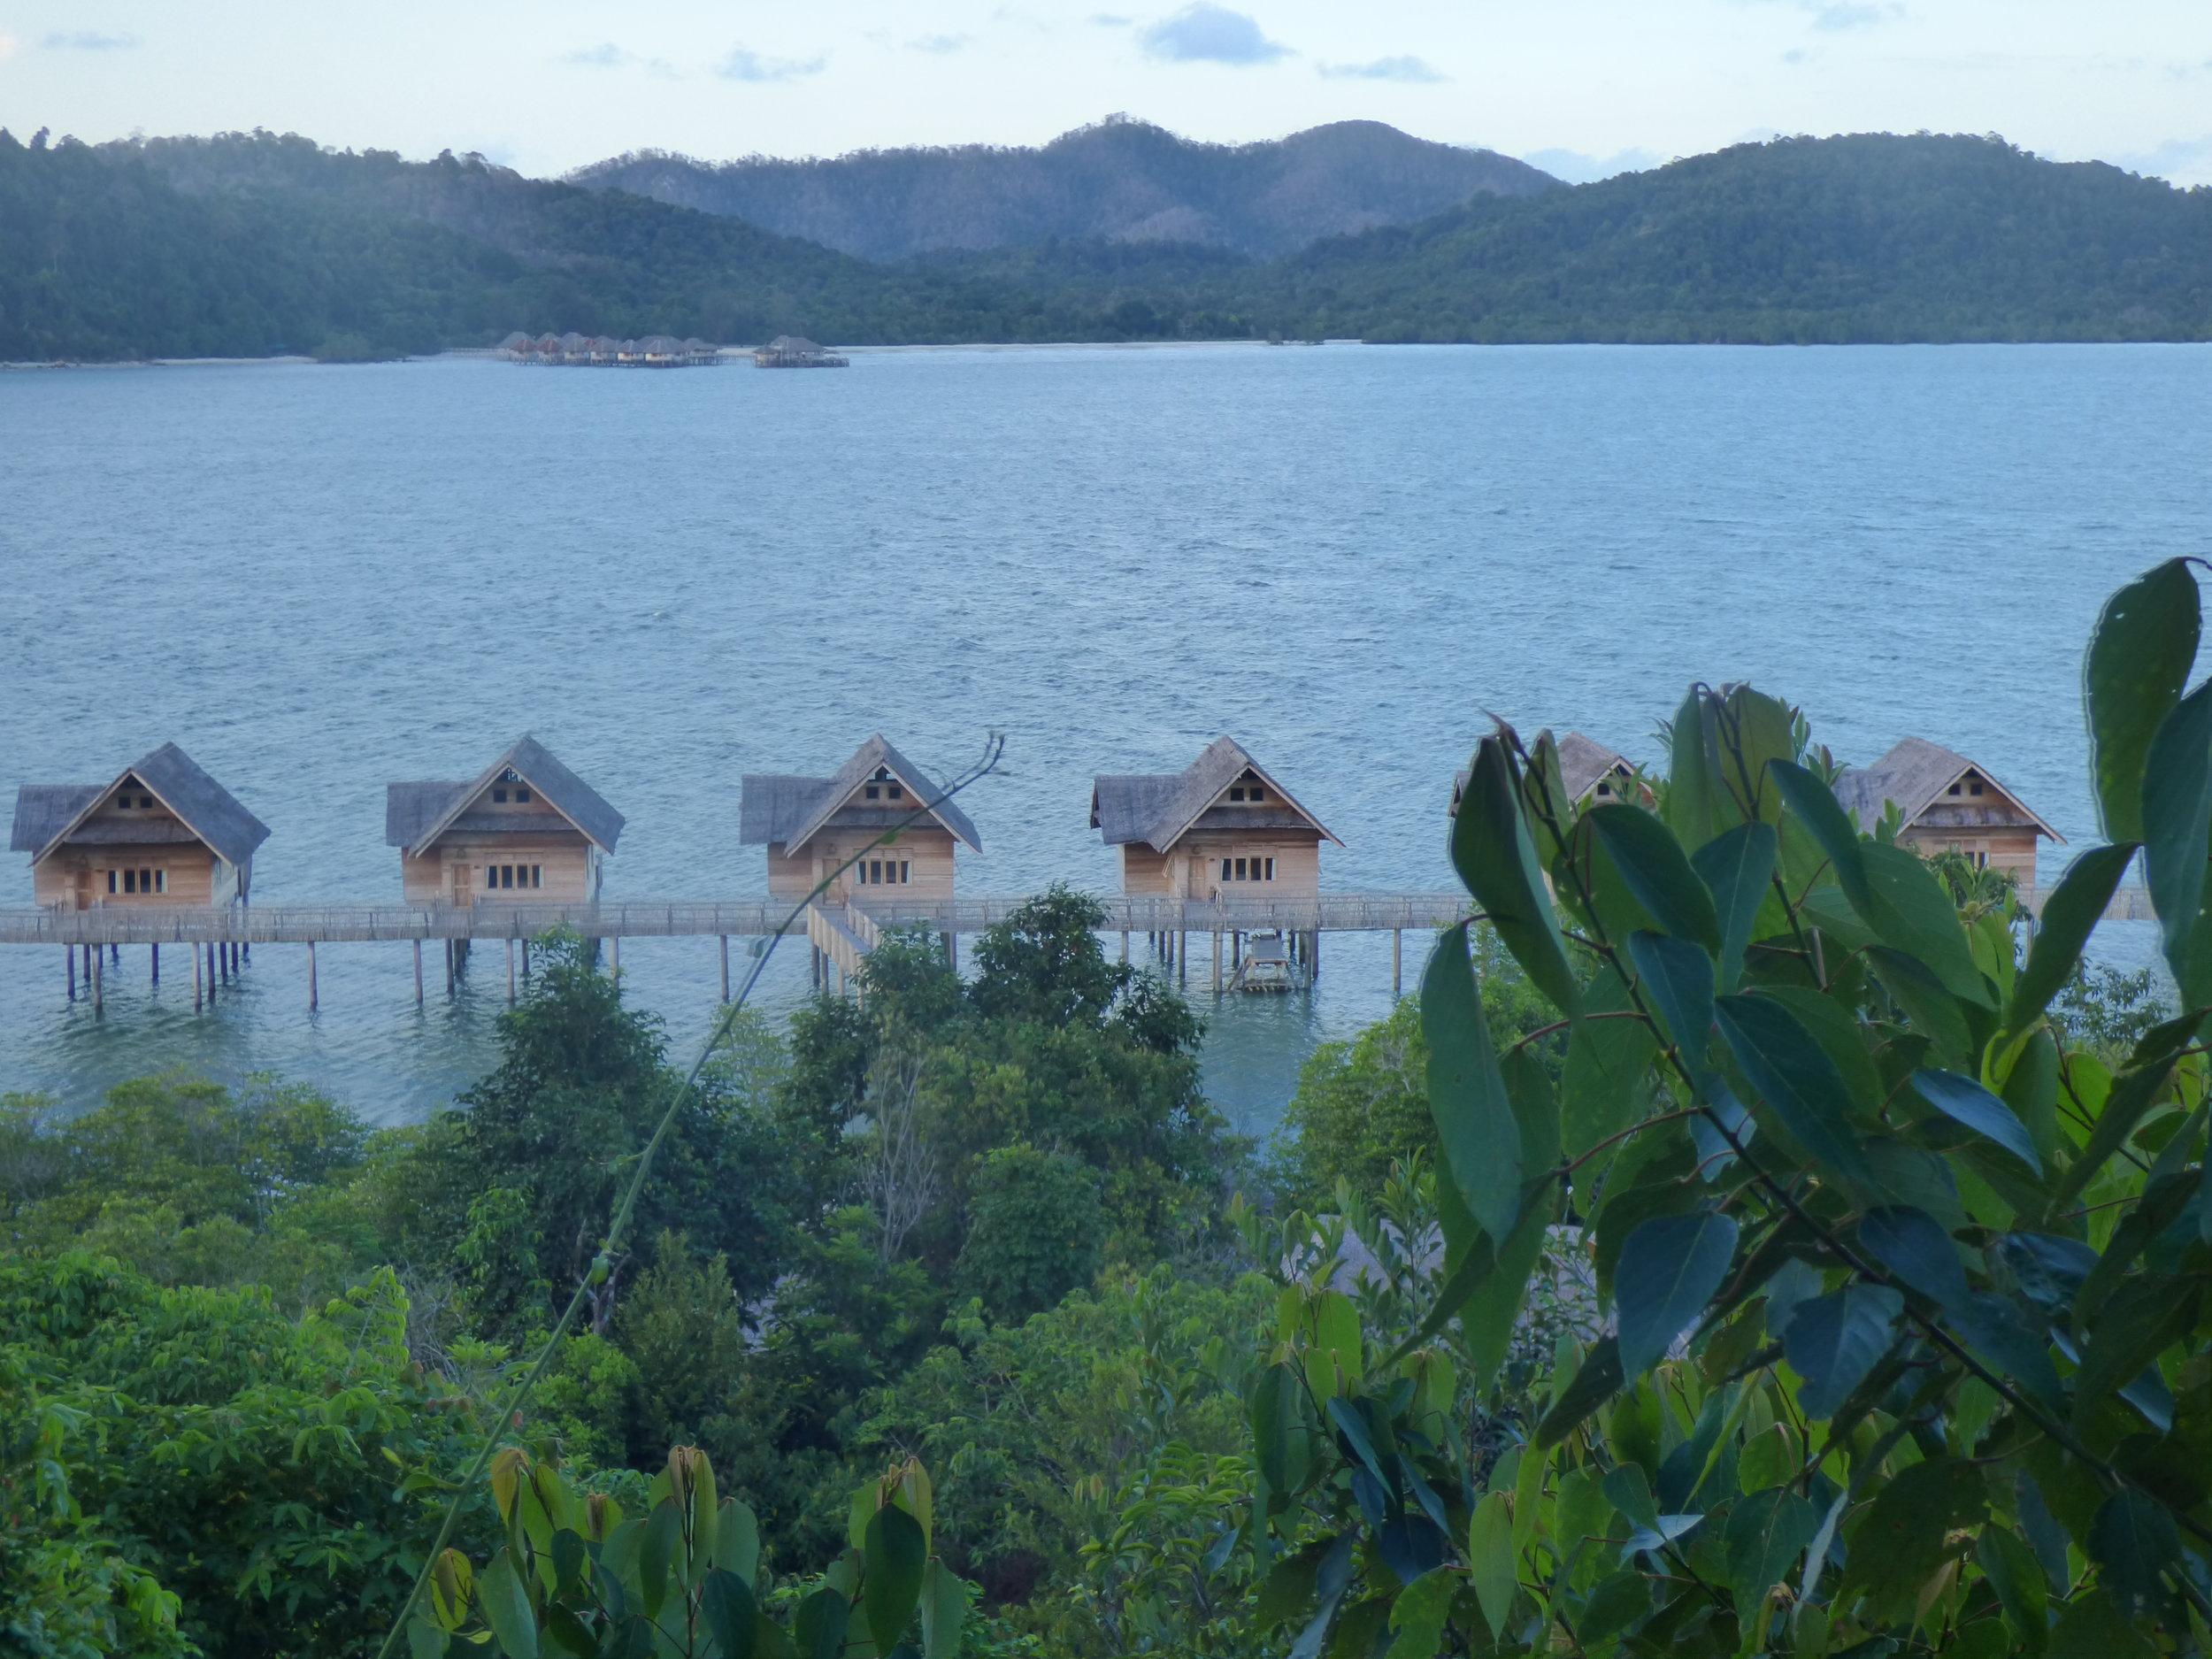 Sea Villas at Telunas Private Island in Indonesia.